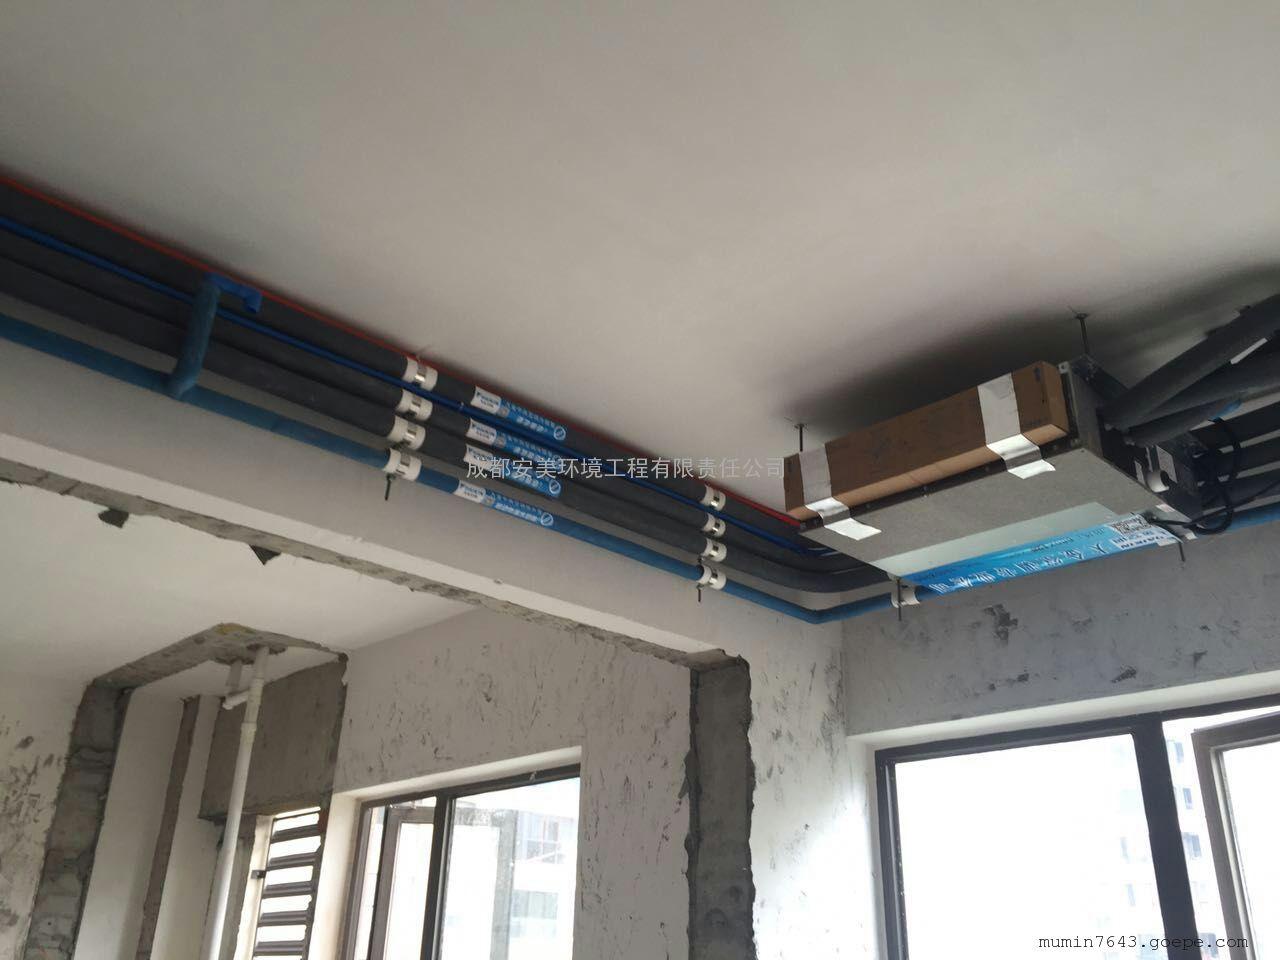 13228103997:大金总代理/大金设备批发/大金空调销售安装